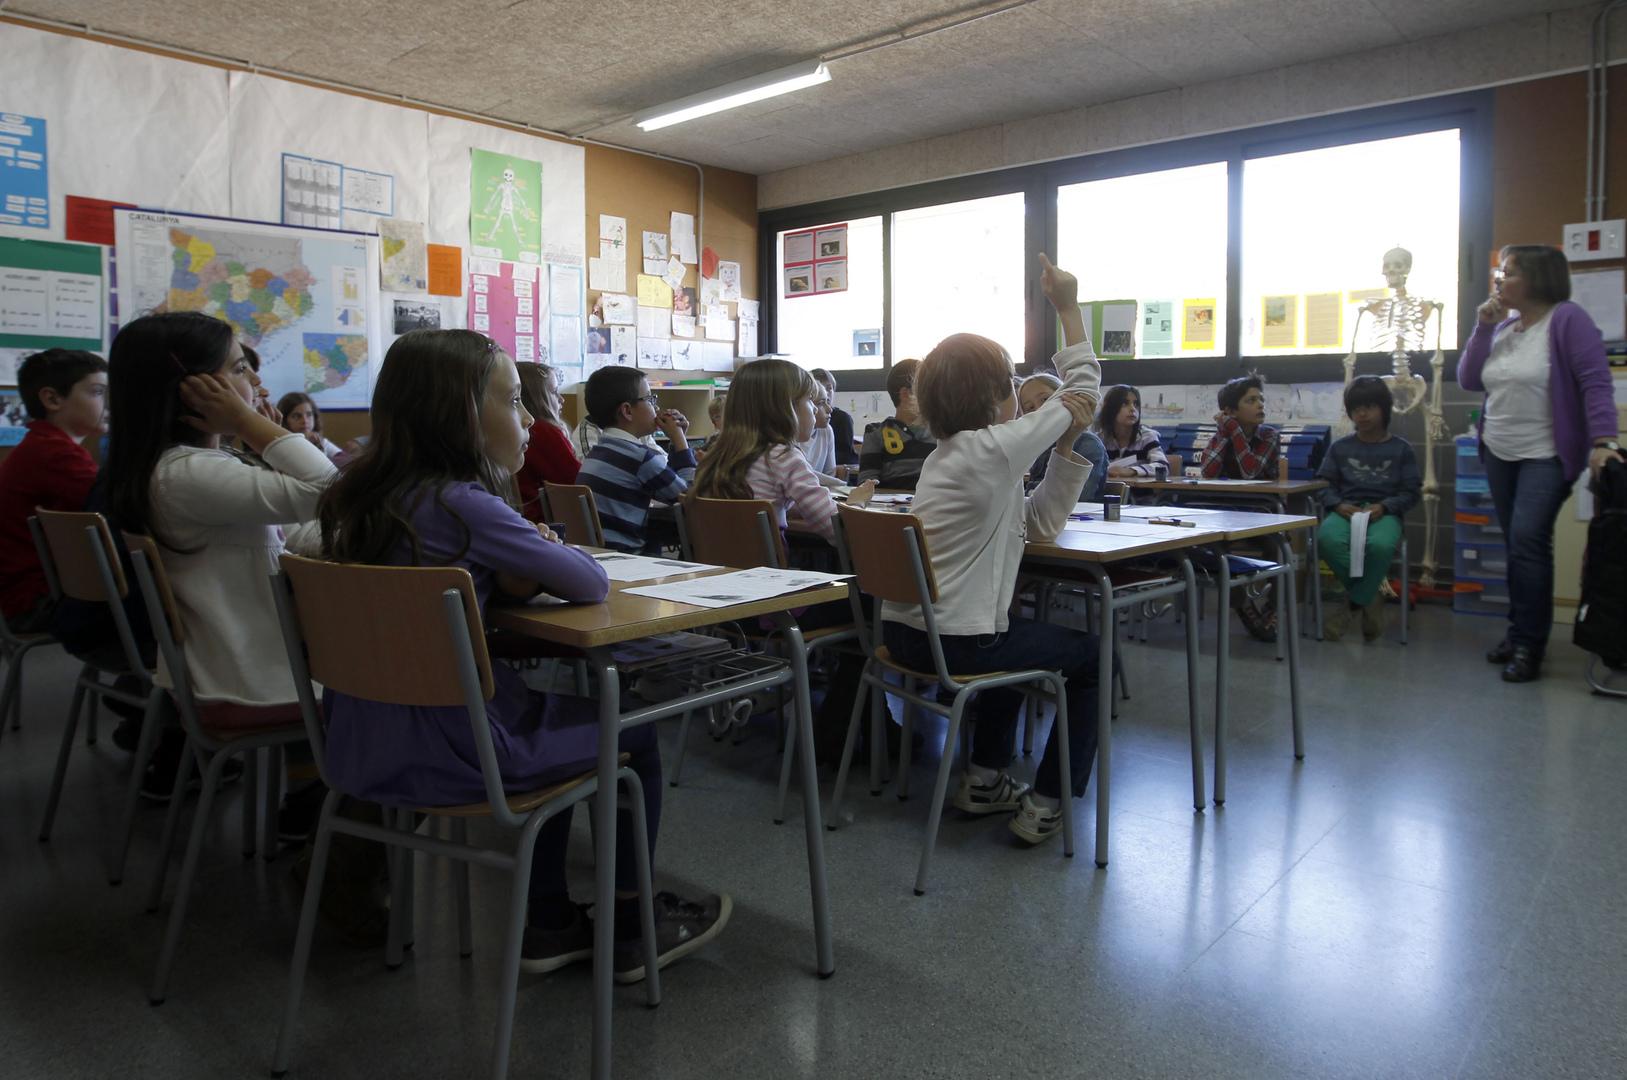 قسم في إحدى مدارس مدينة برشلونة